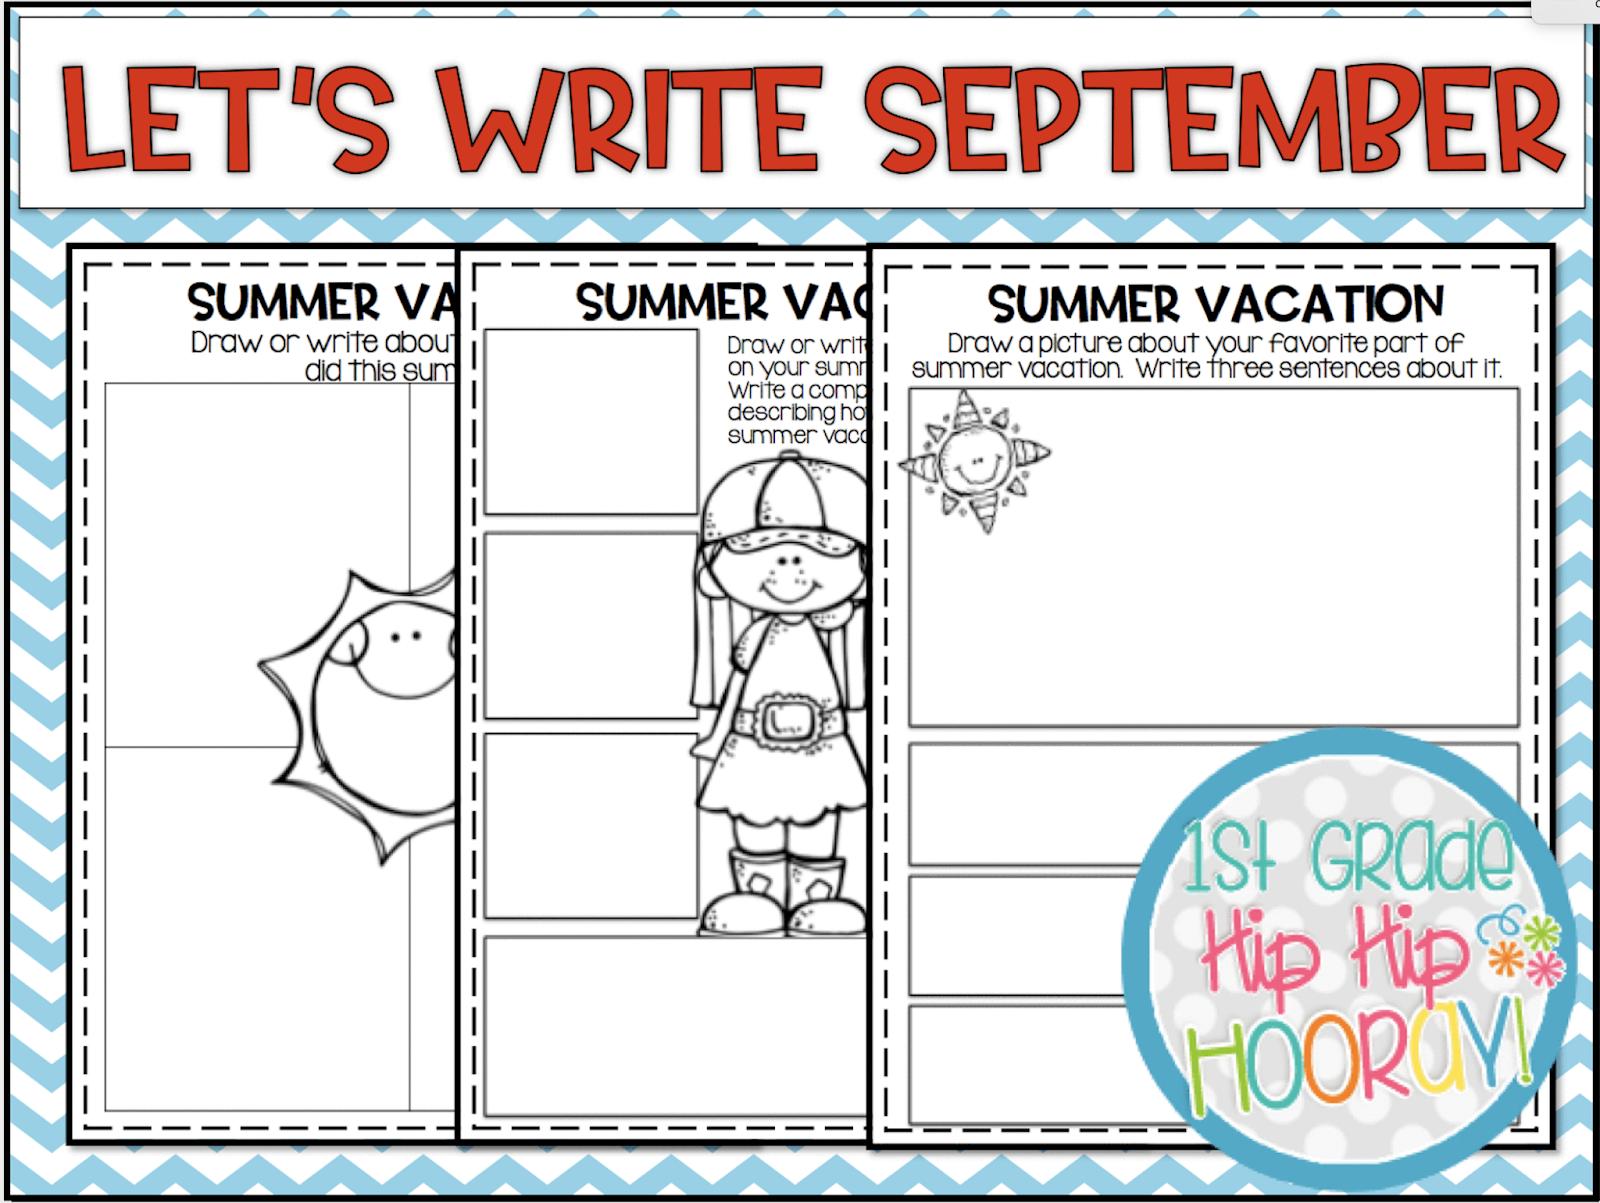 1st Grade Hip Hip Hooray July